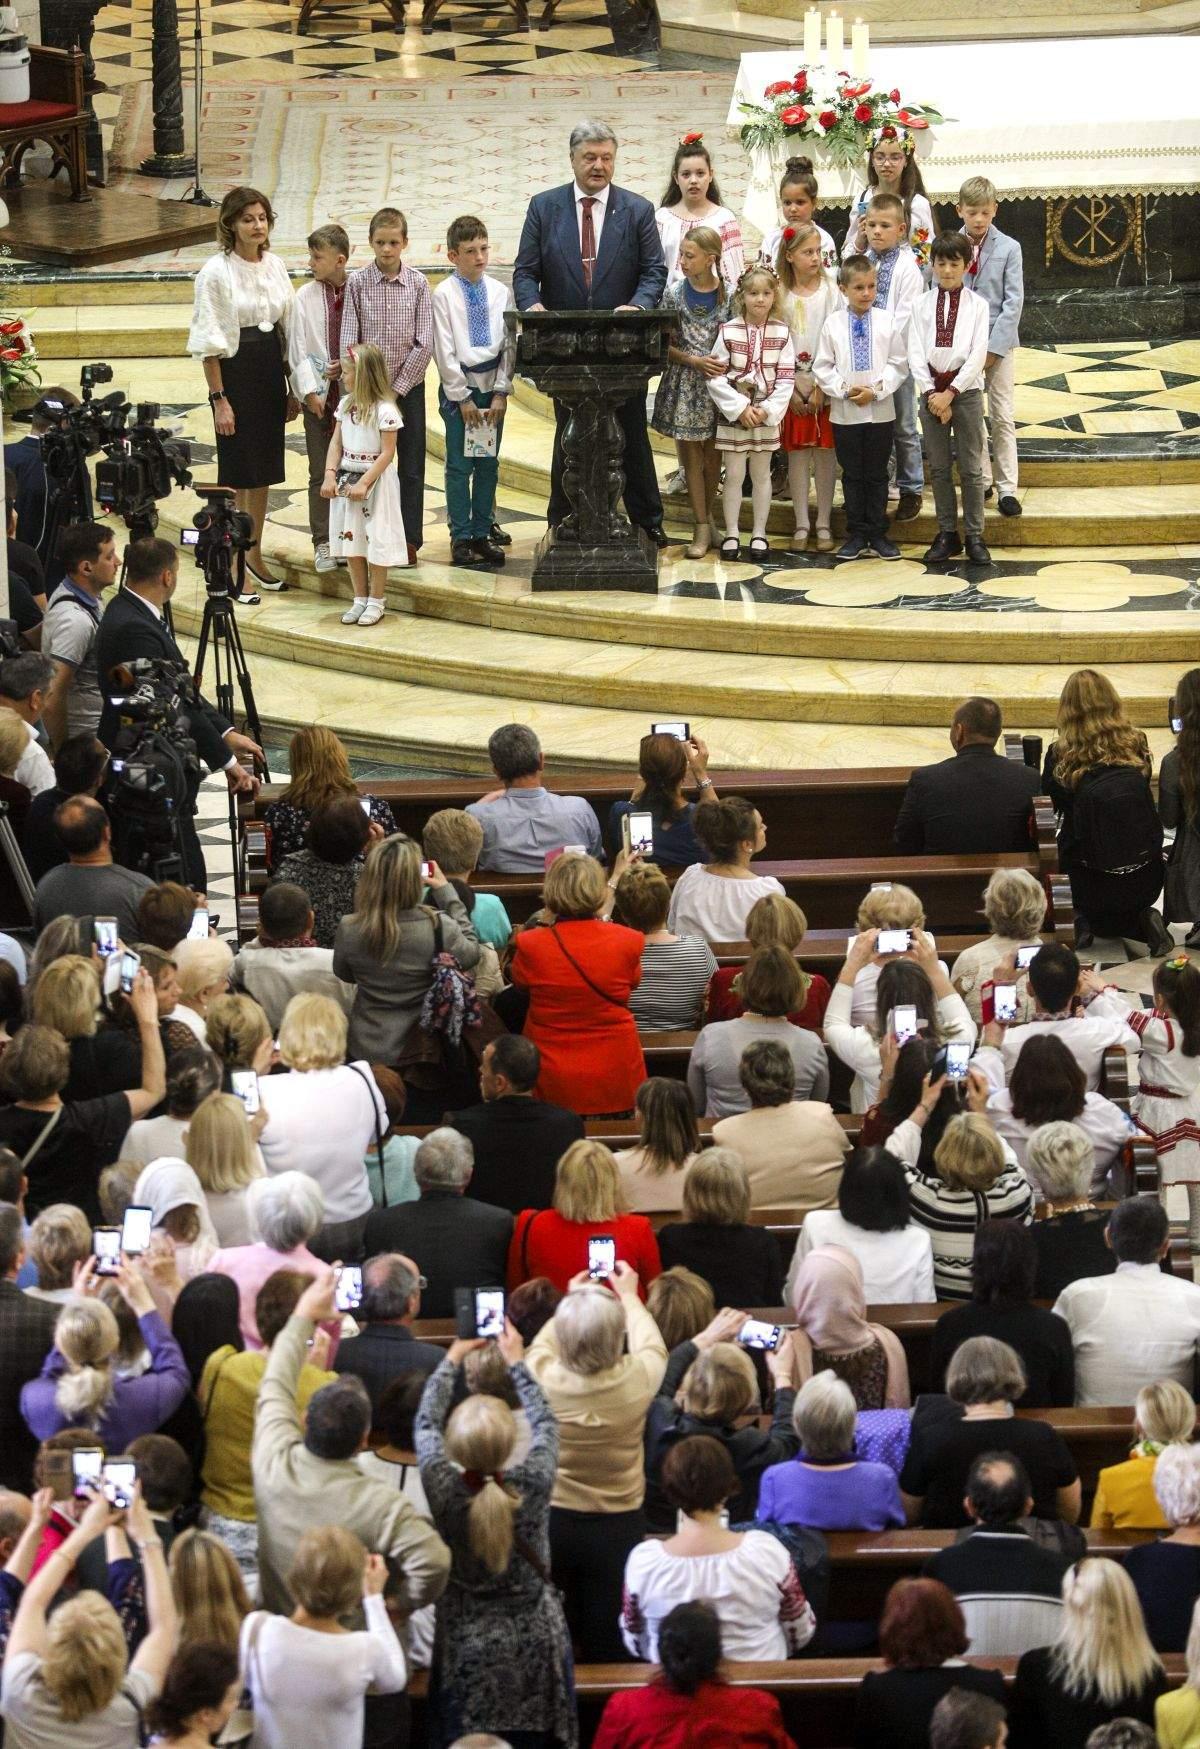 Петро Порошенко зустрівся з українською громадою Іспанії у Мадриді (фото, відео)